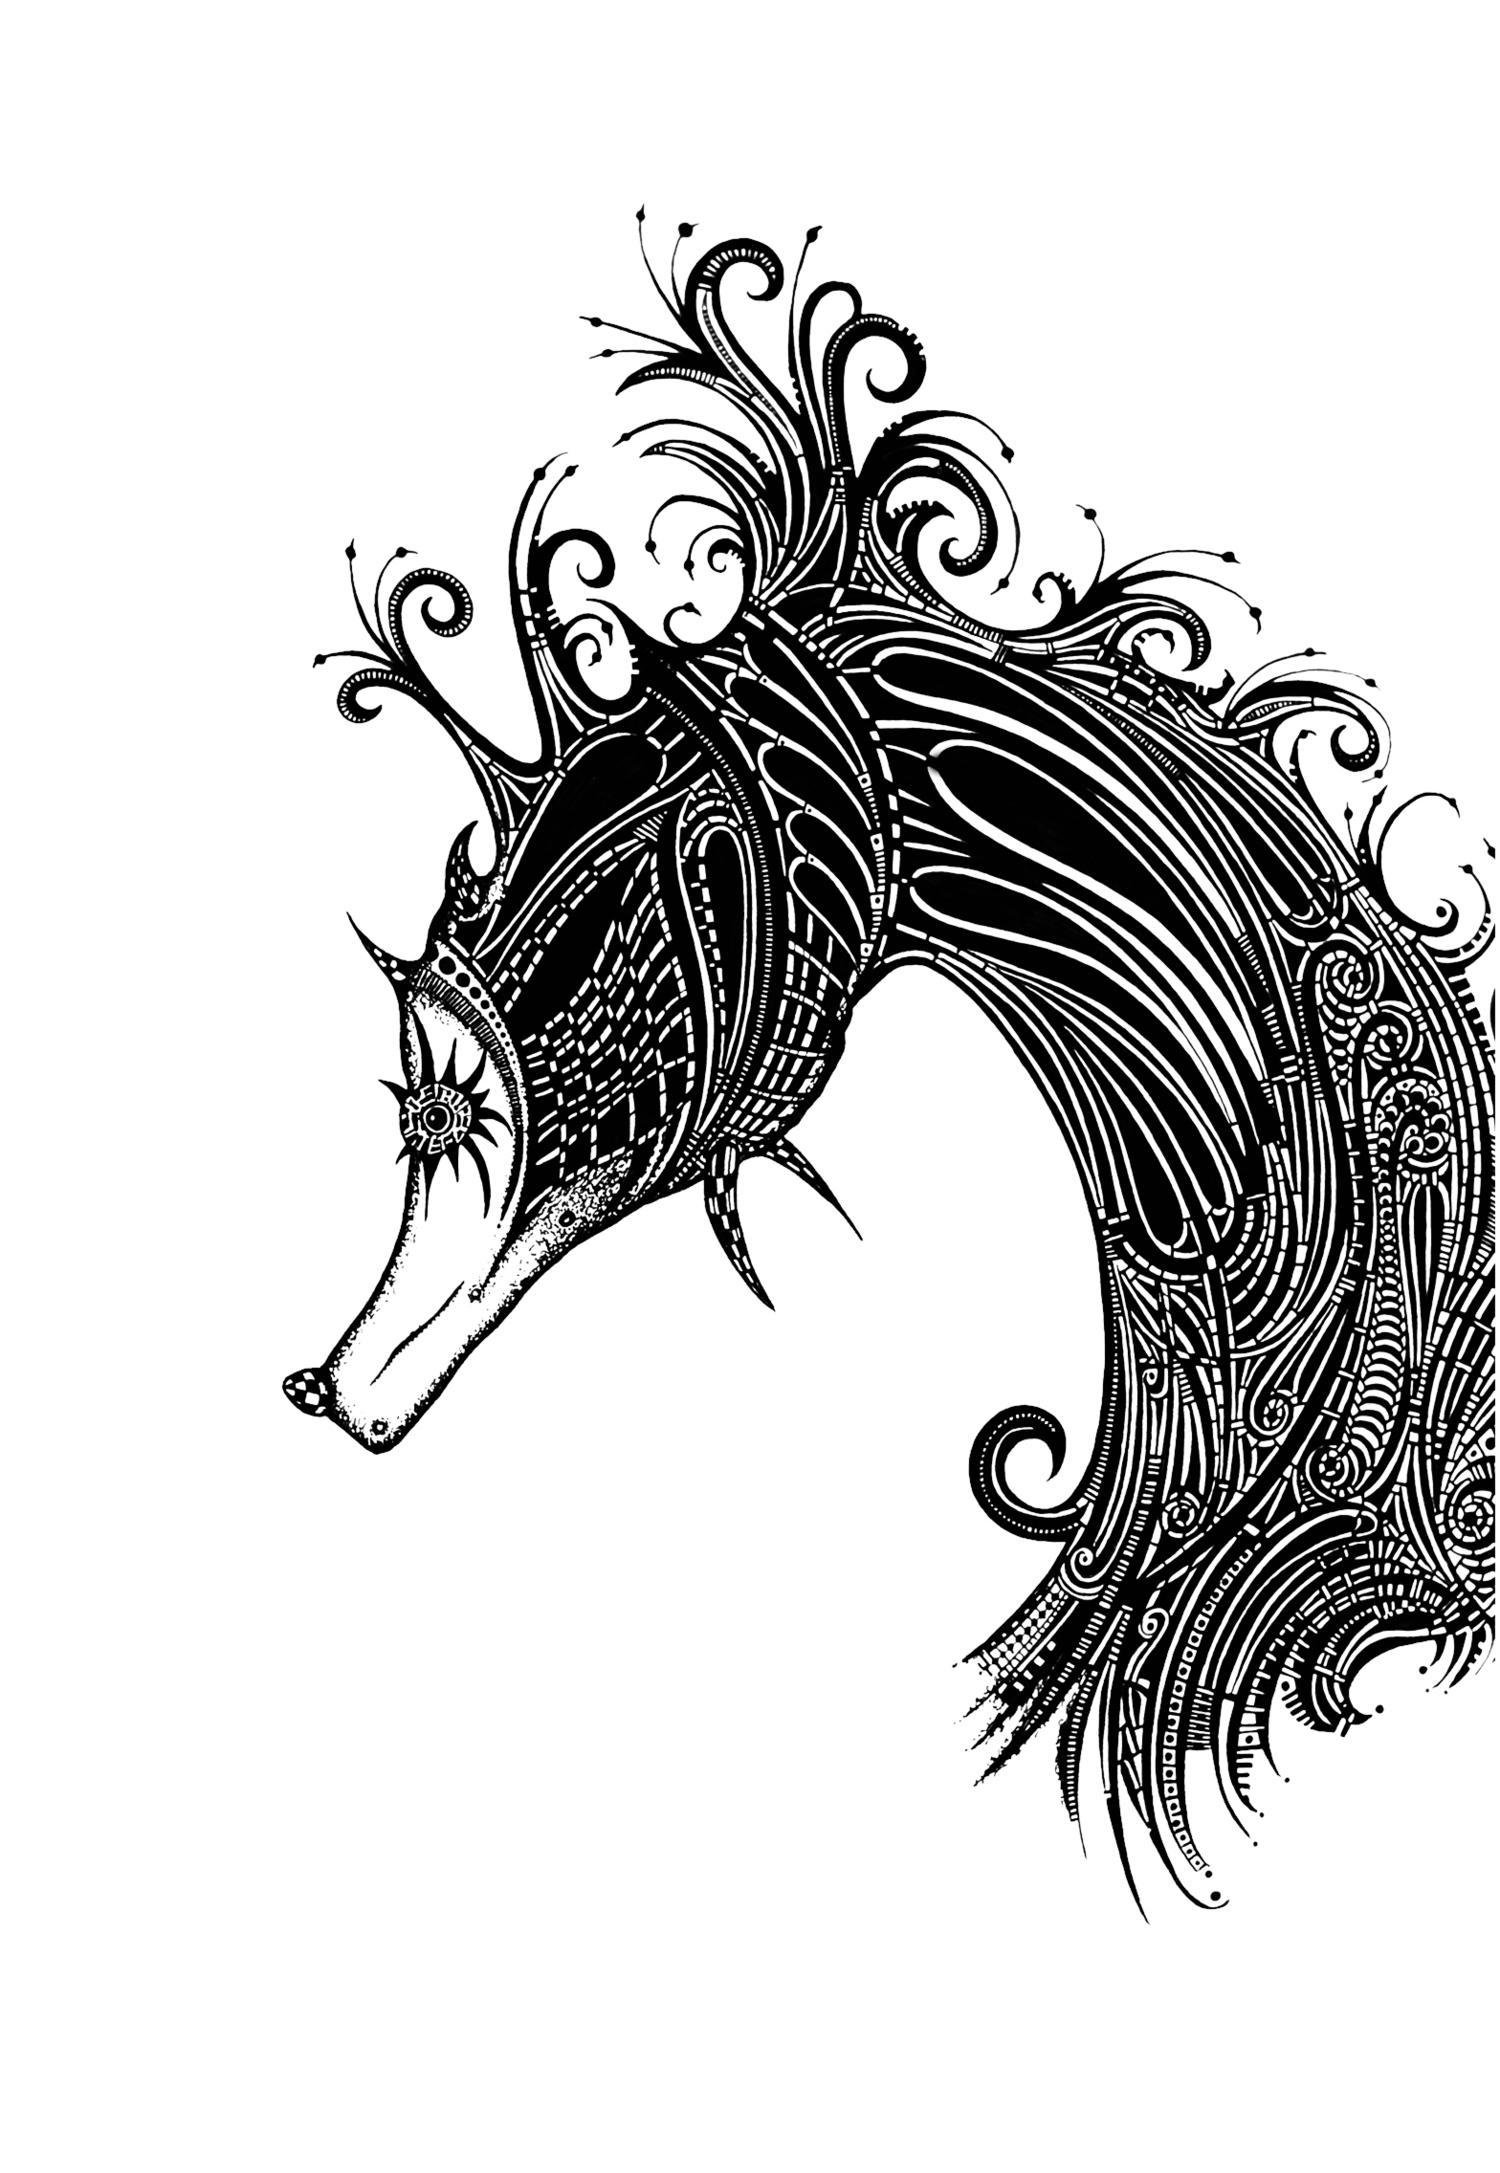 Sea Horse Fantasia - Study 1